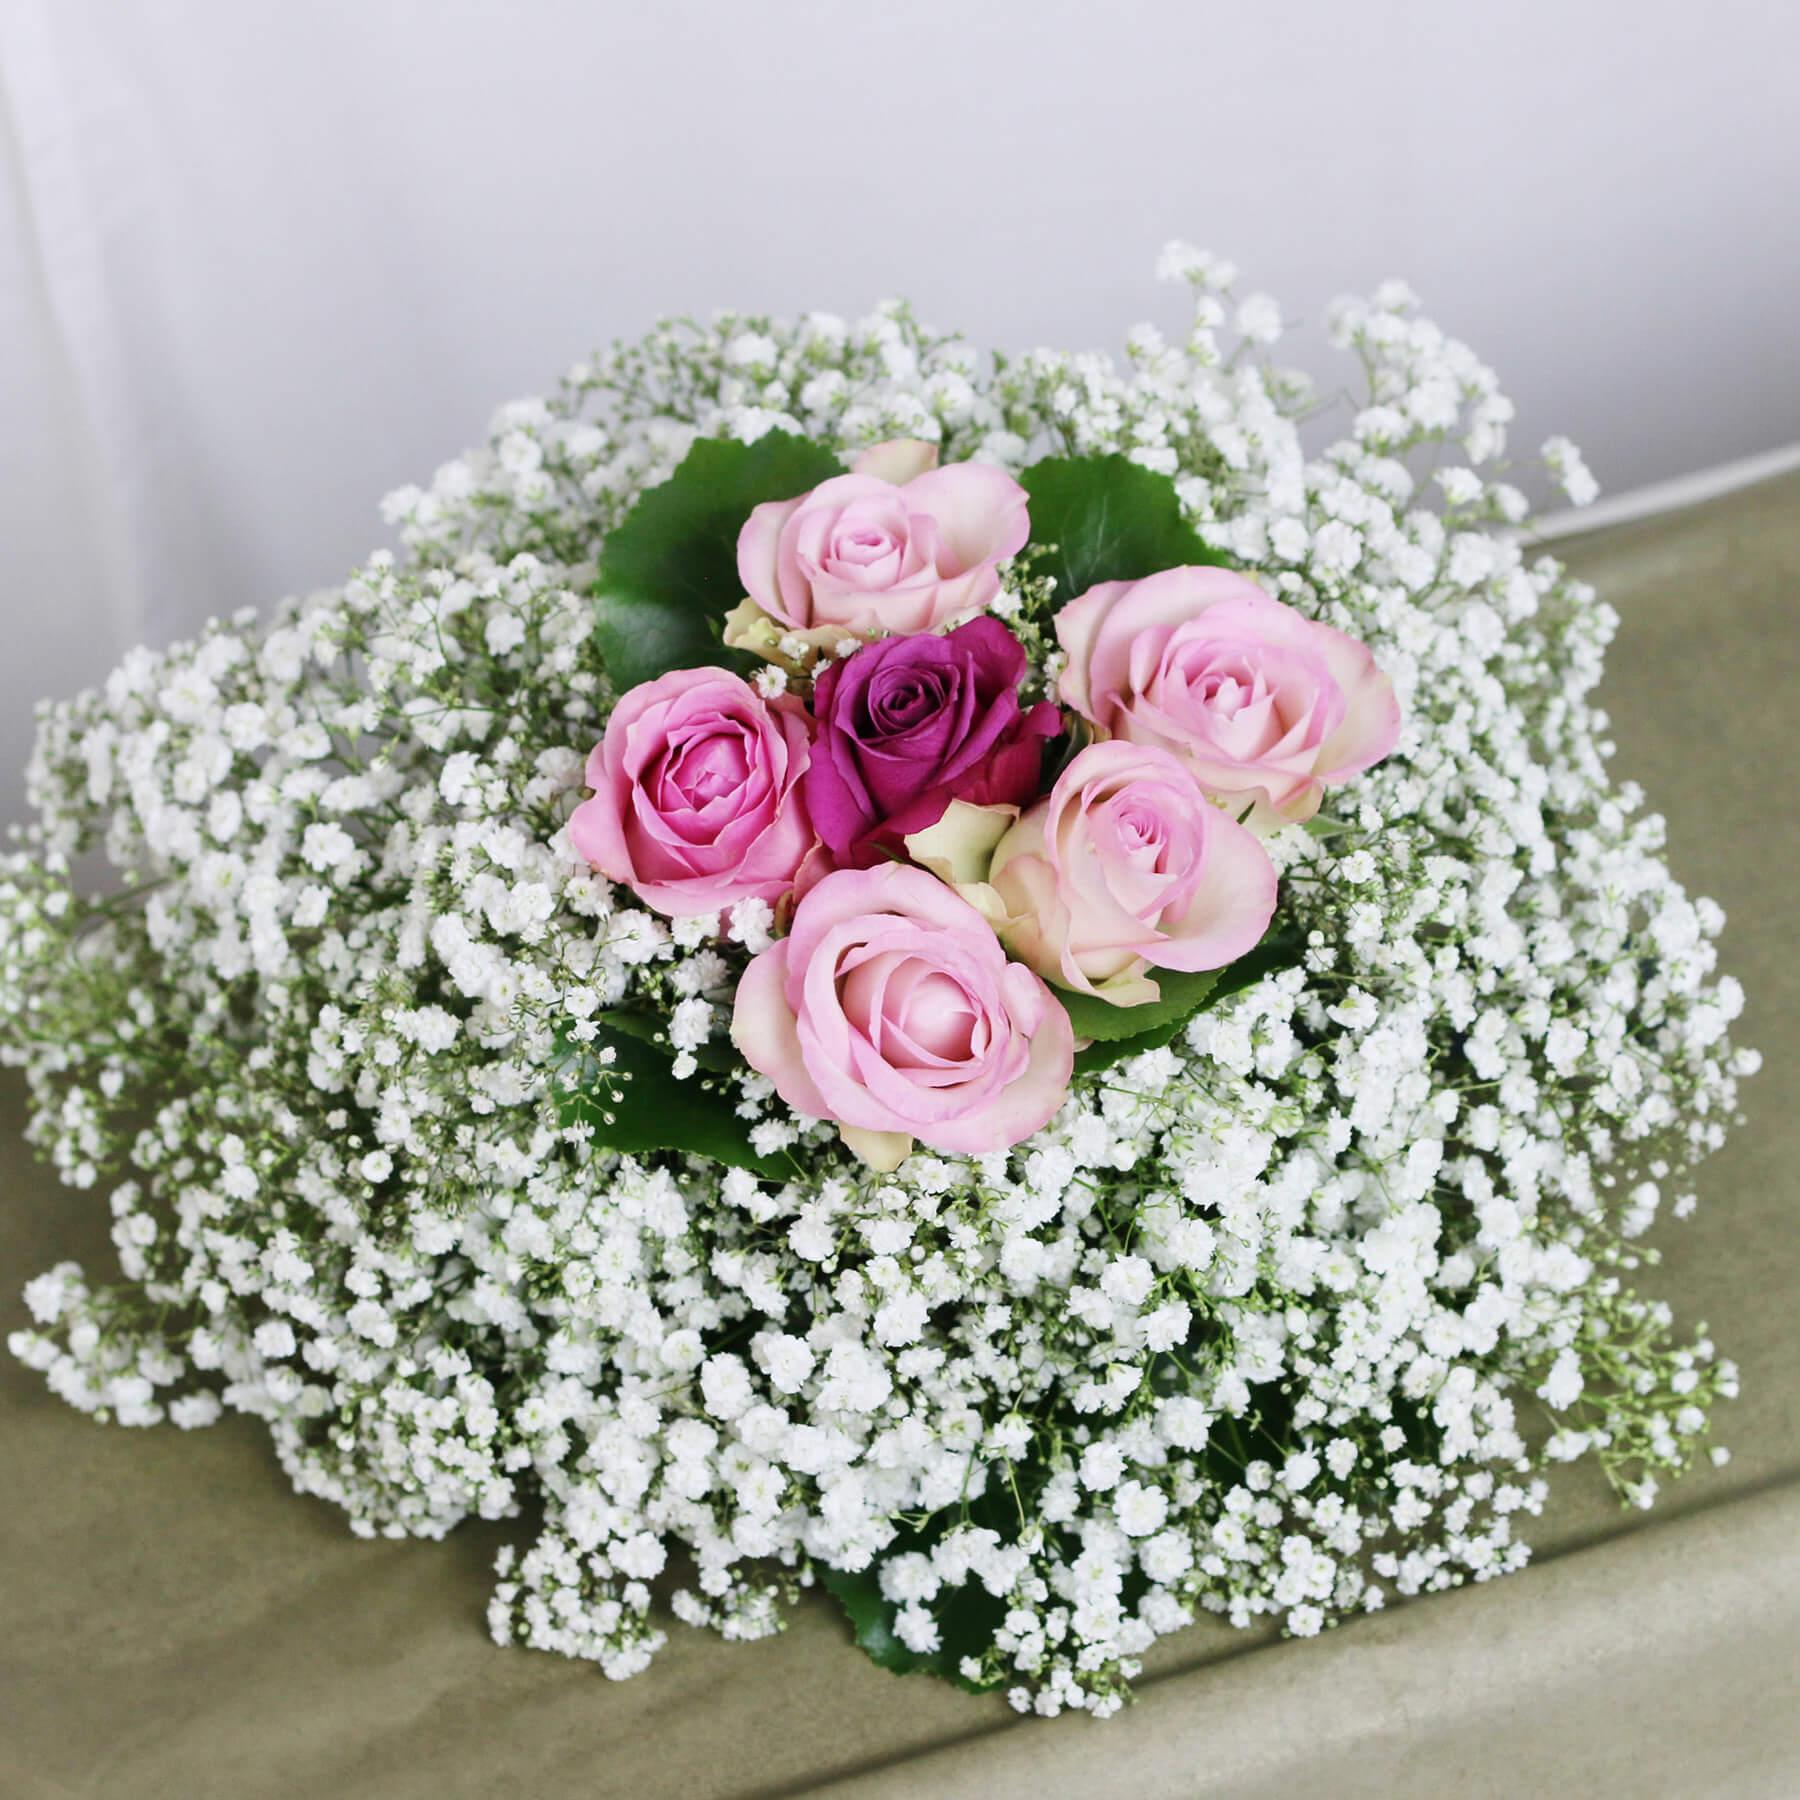 En liten, skir sorgdekoration med rosa rosor omslutna av vit brudslöja. Vackert i all sin enkelhet.